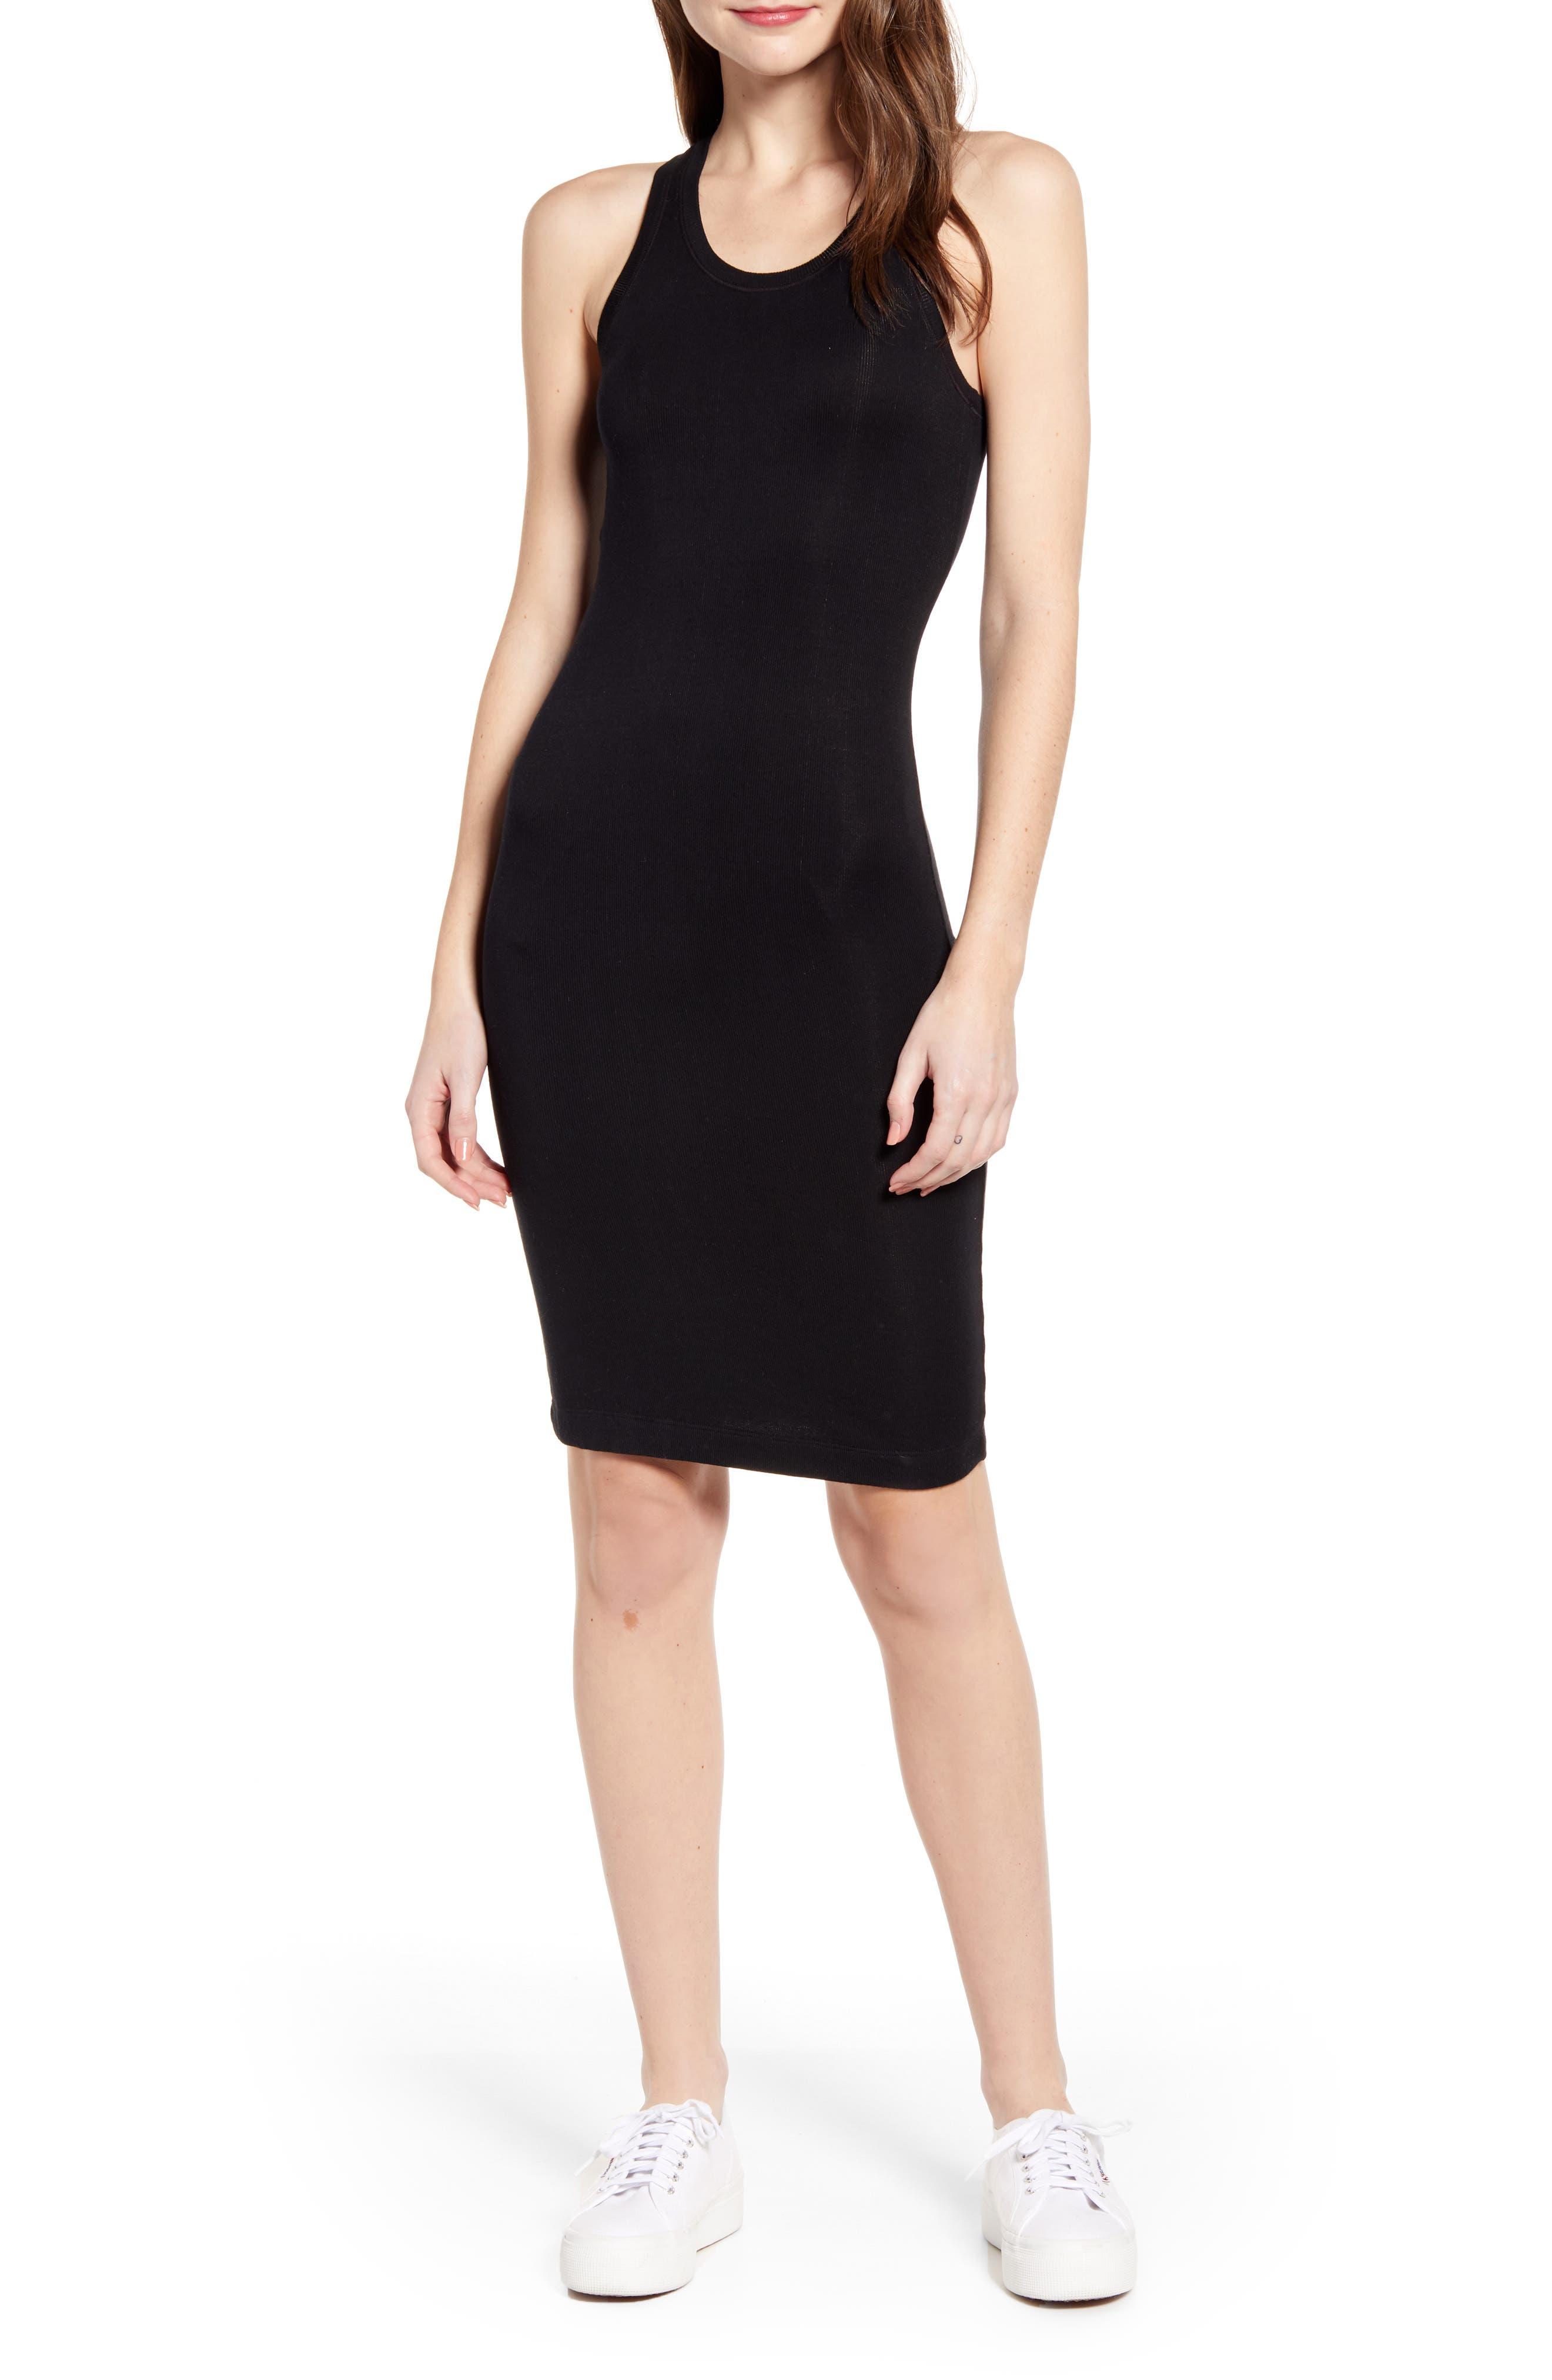 SPLENDID, Racerback Knit Dress, Main thumbnail 1, color, BLACK